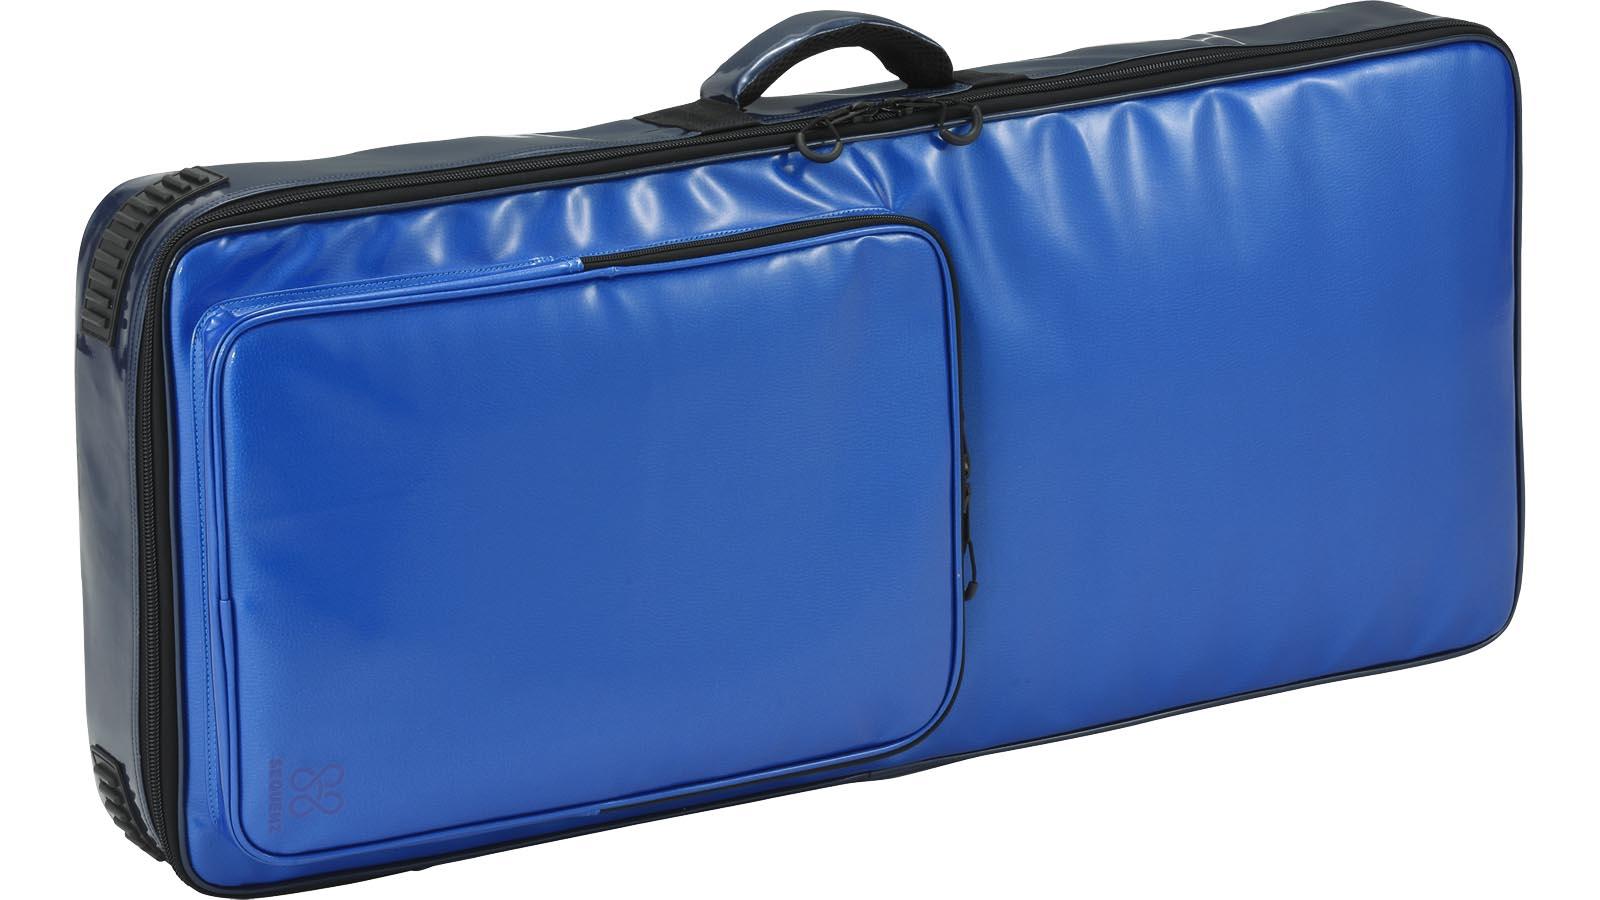 Softcase für prologue 8/16 in blau